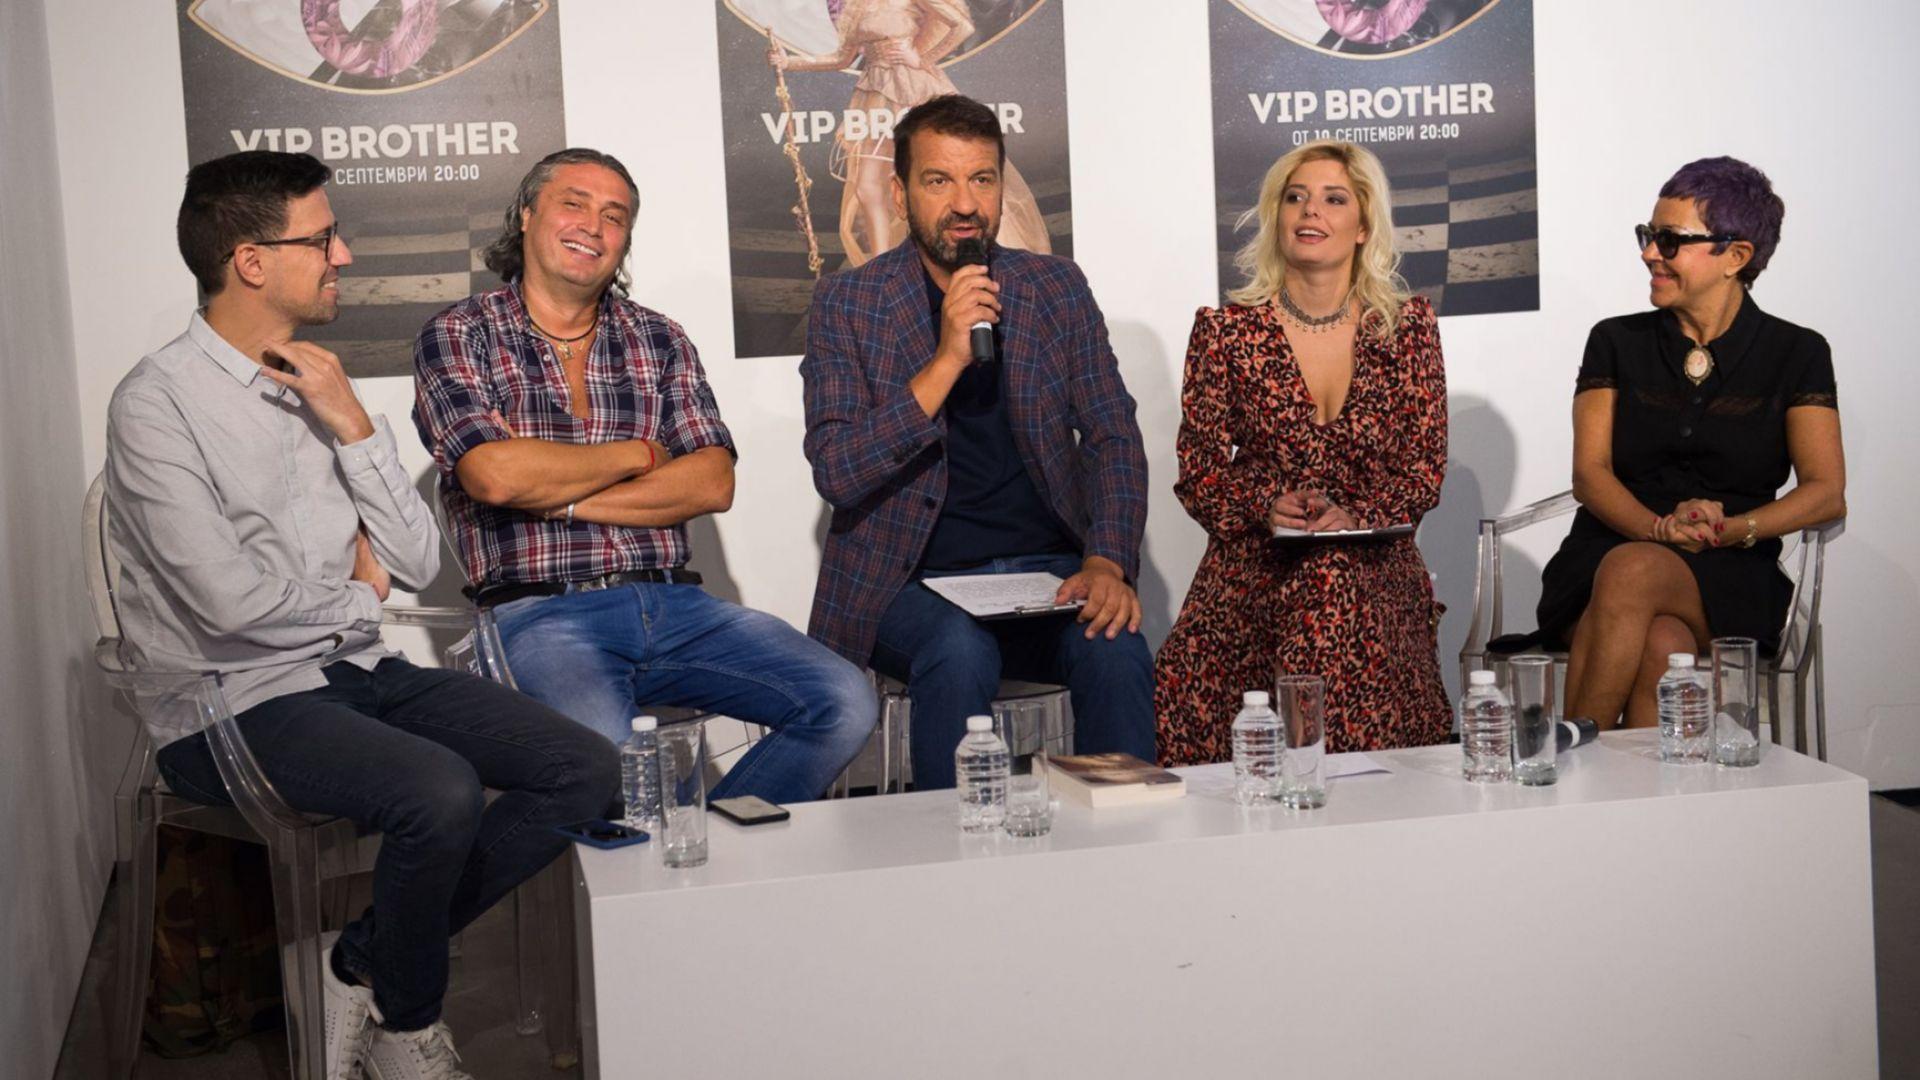 Ники Кънчев: Бабата на българската музика влиза във VIP Brother